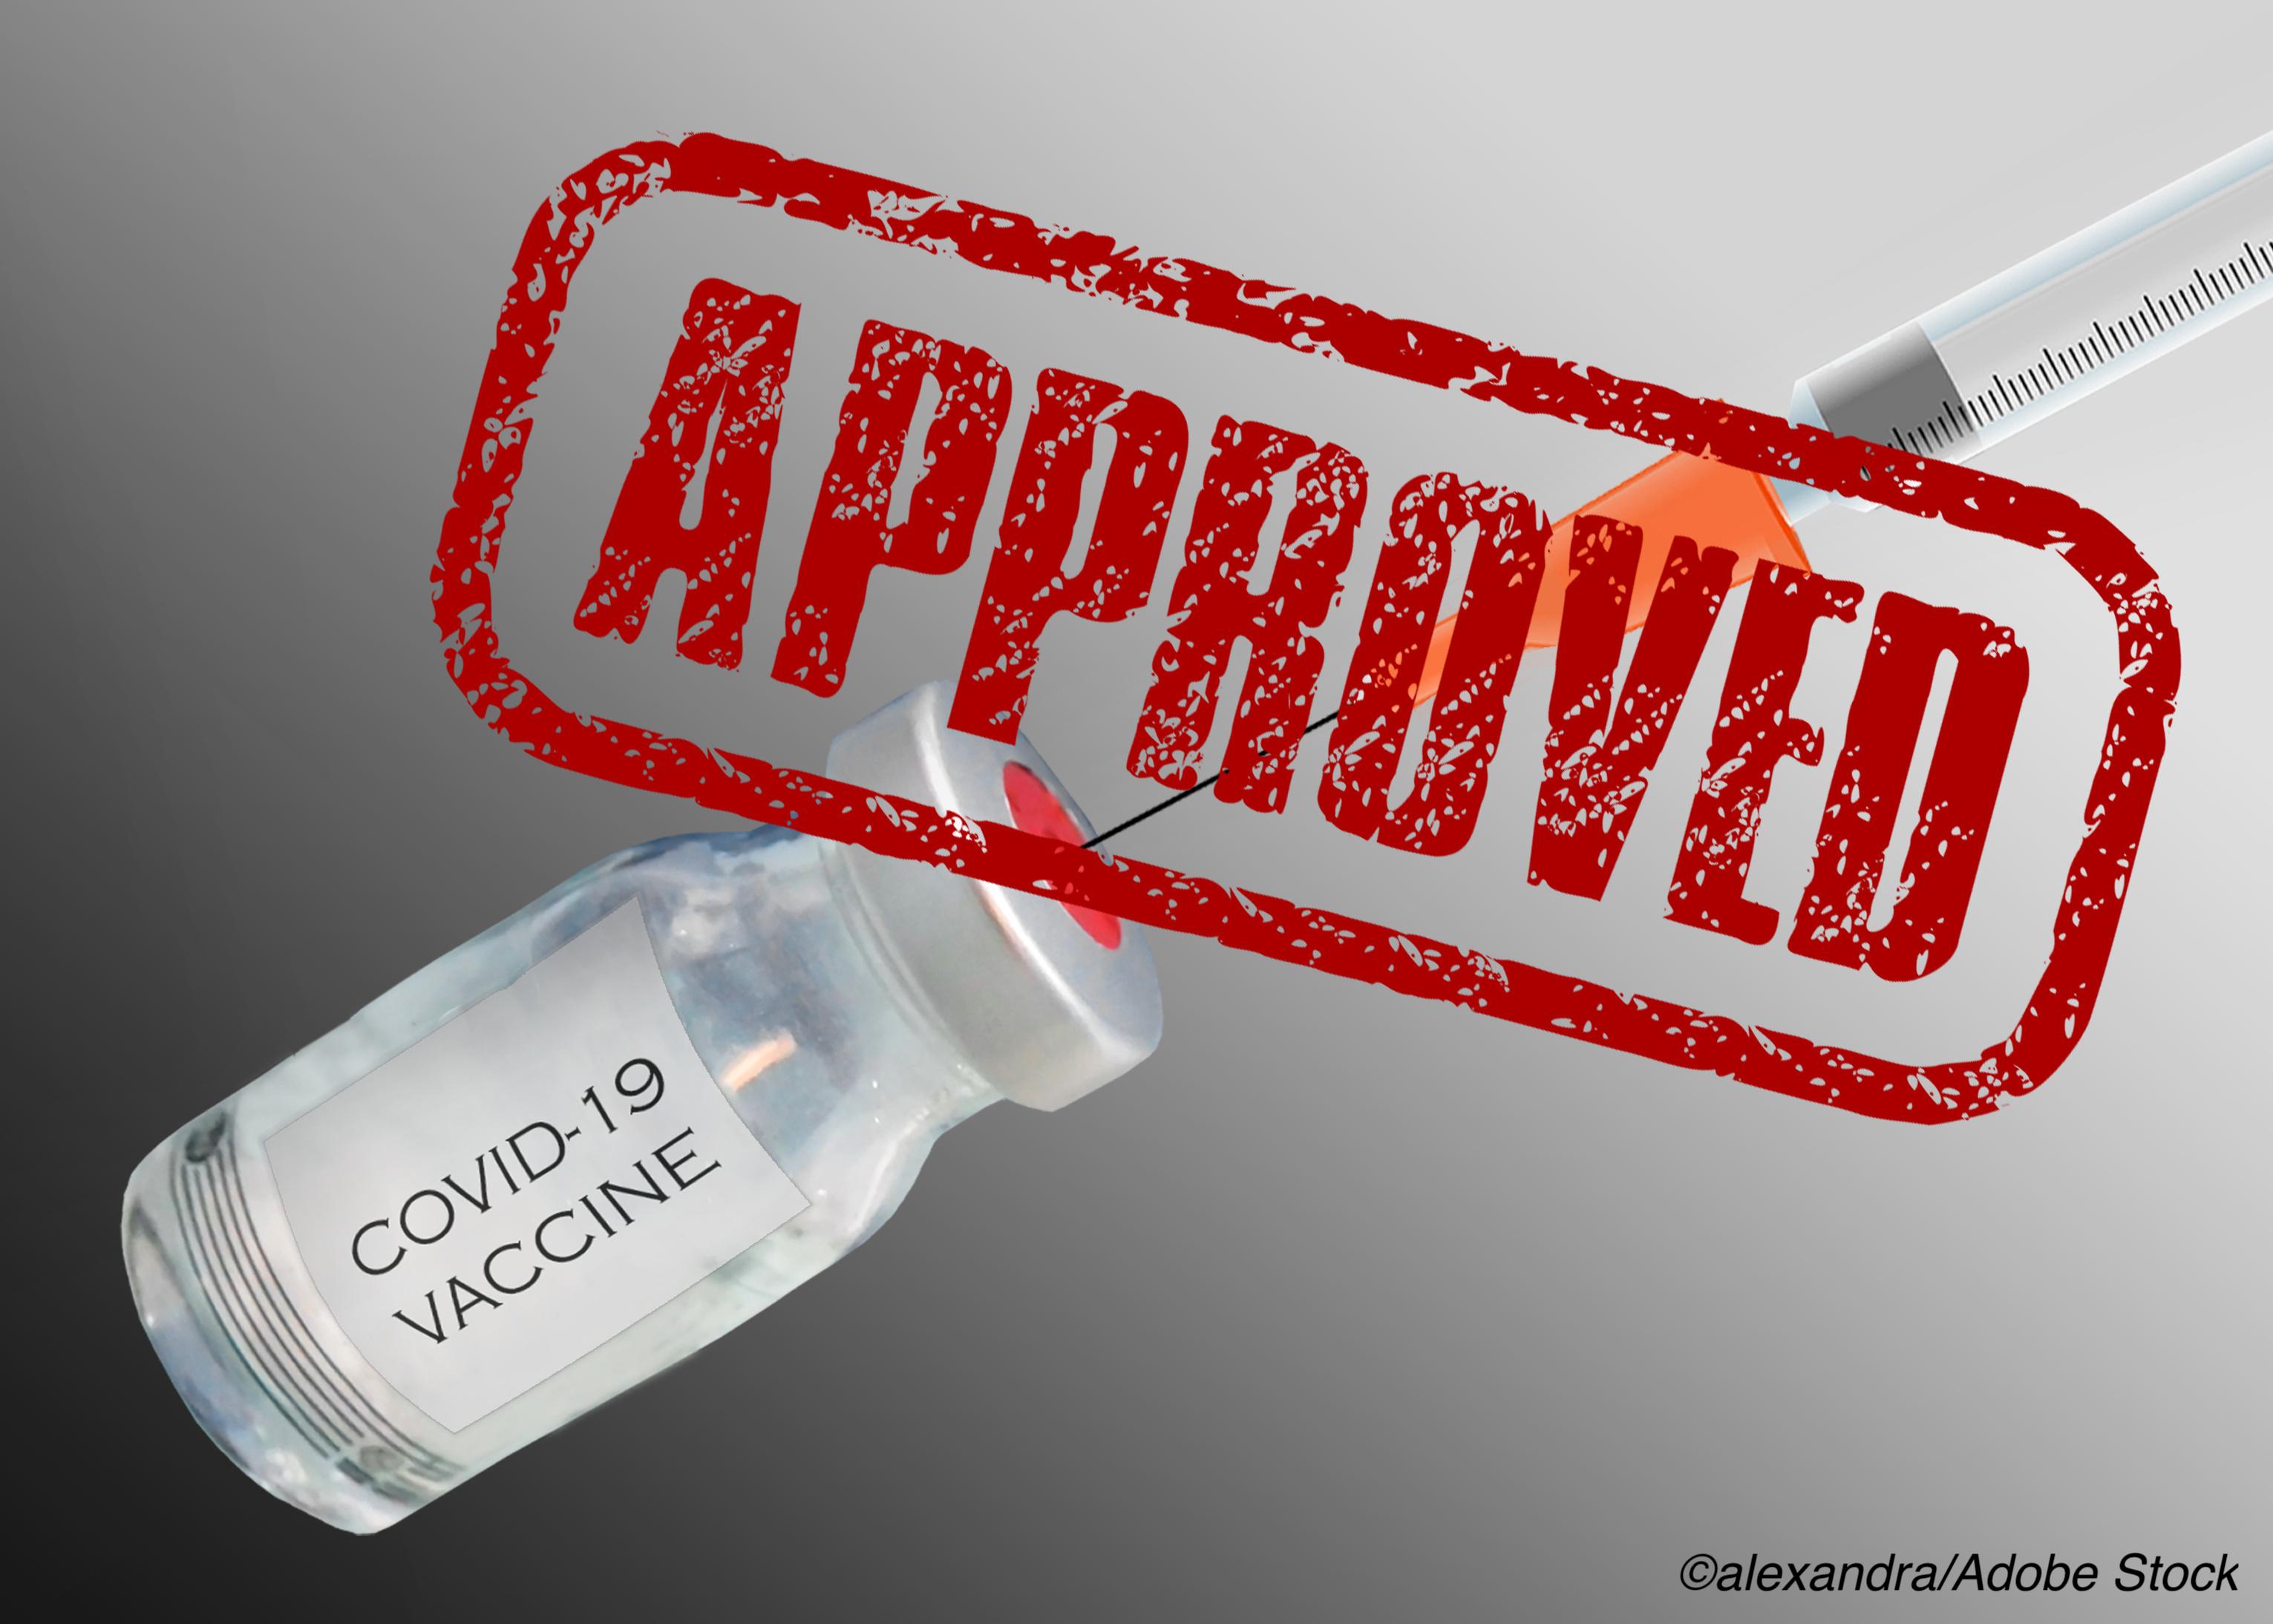 FDA Issues EUA for Second Covid-19 Vaccine